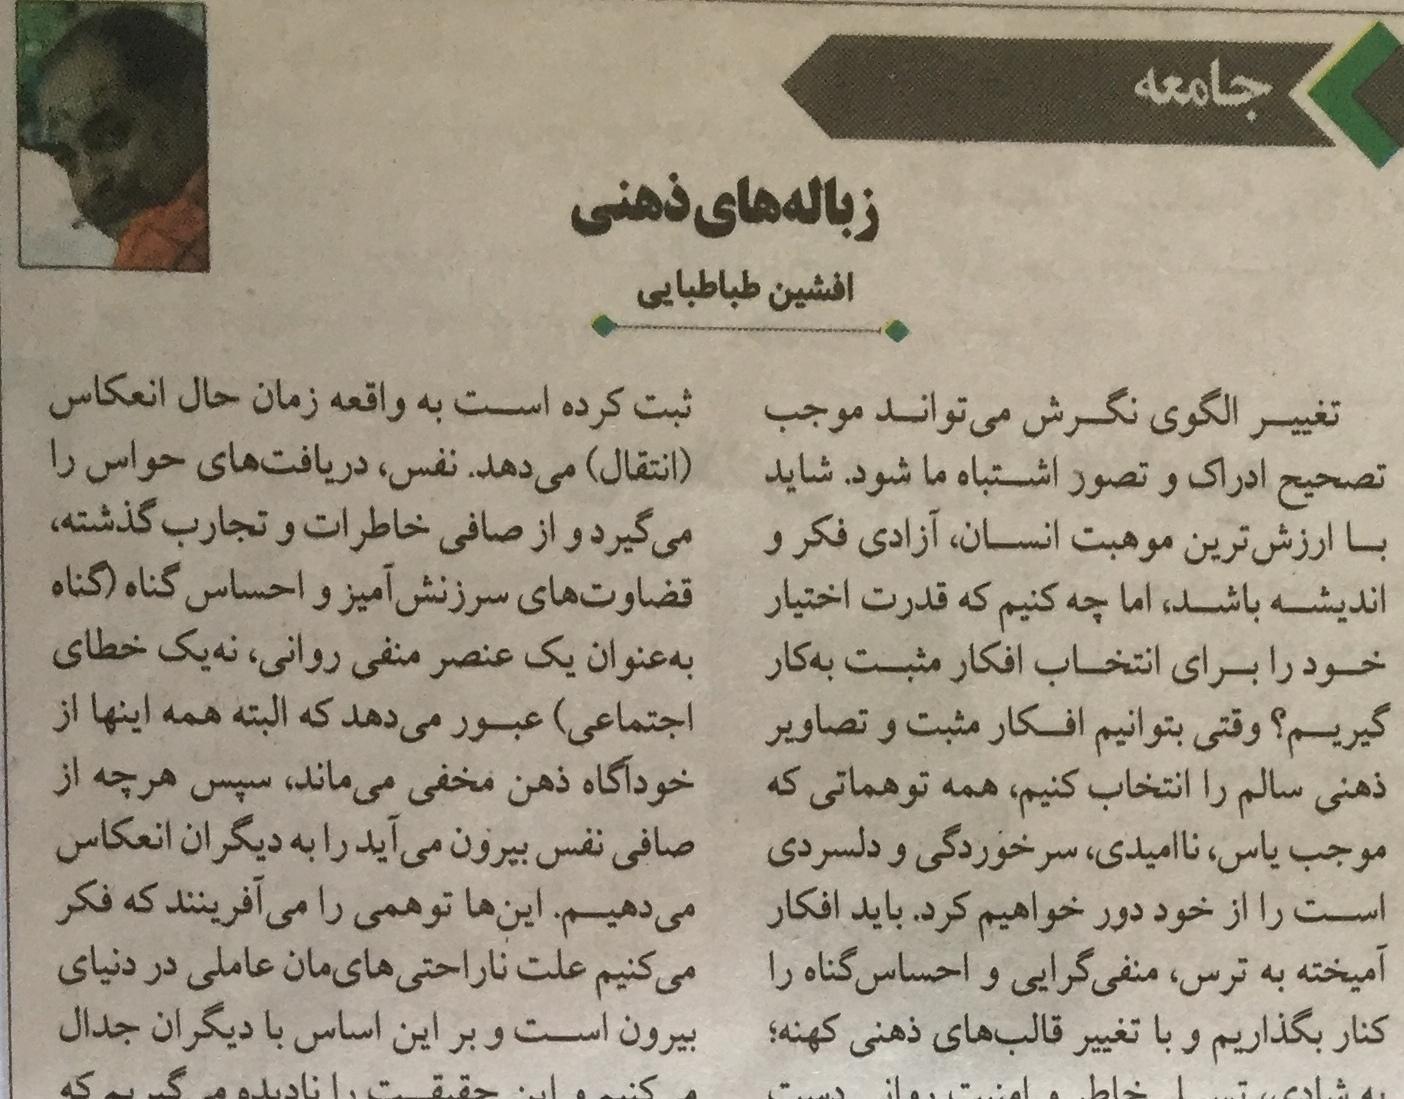 روزنامه: زباله های ذهنی - دکتر طباطبایی